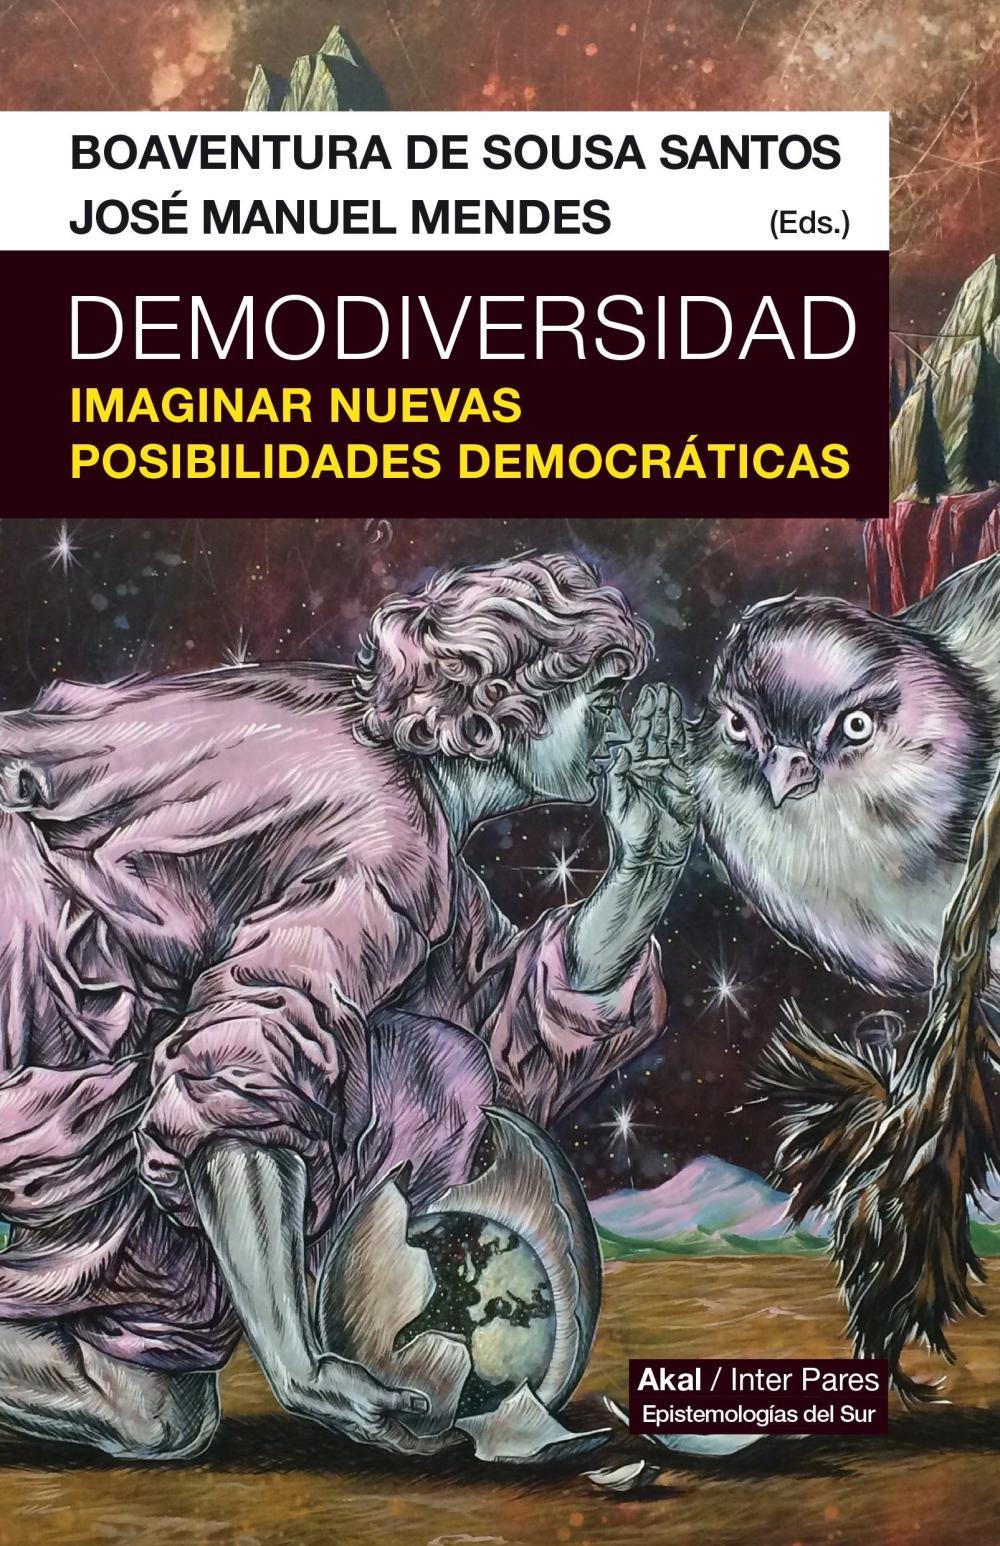 DEMODIVERSIDAD IMAGINAR POSIBILIDADES DEMOCRATICAS